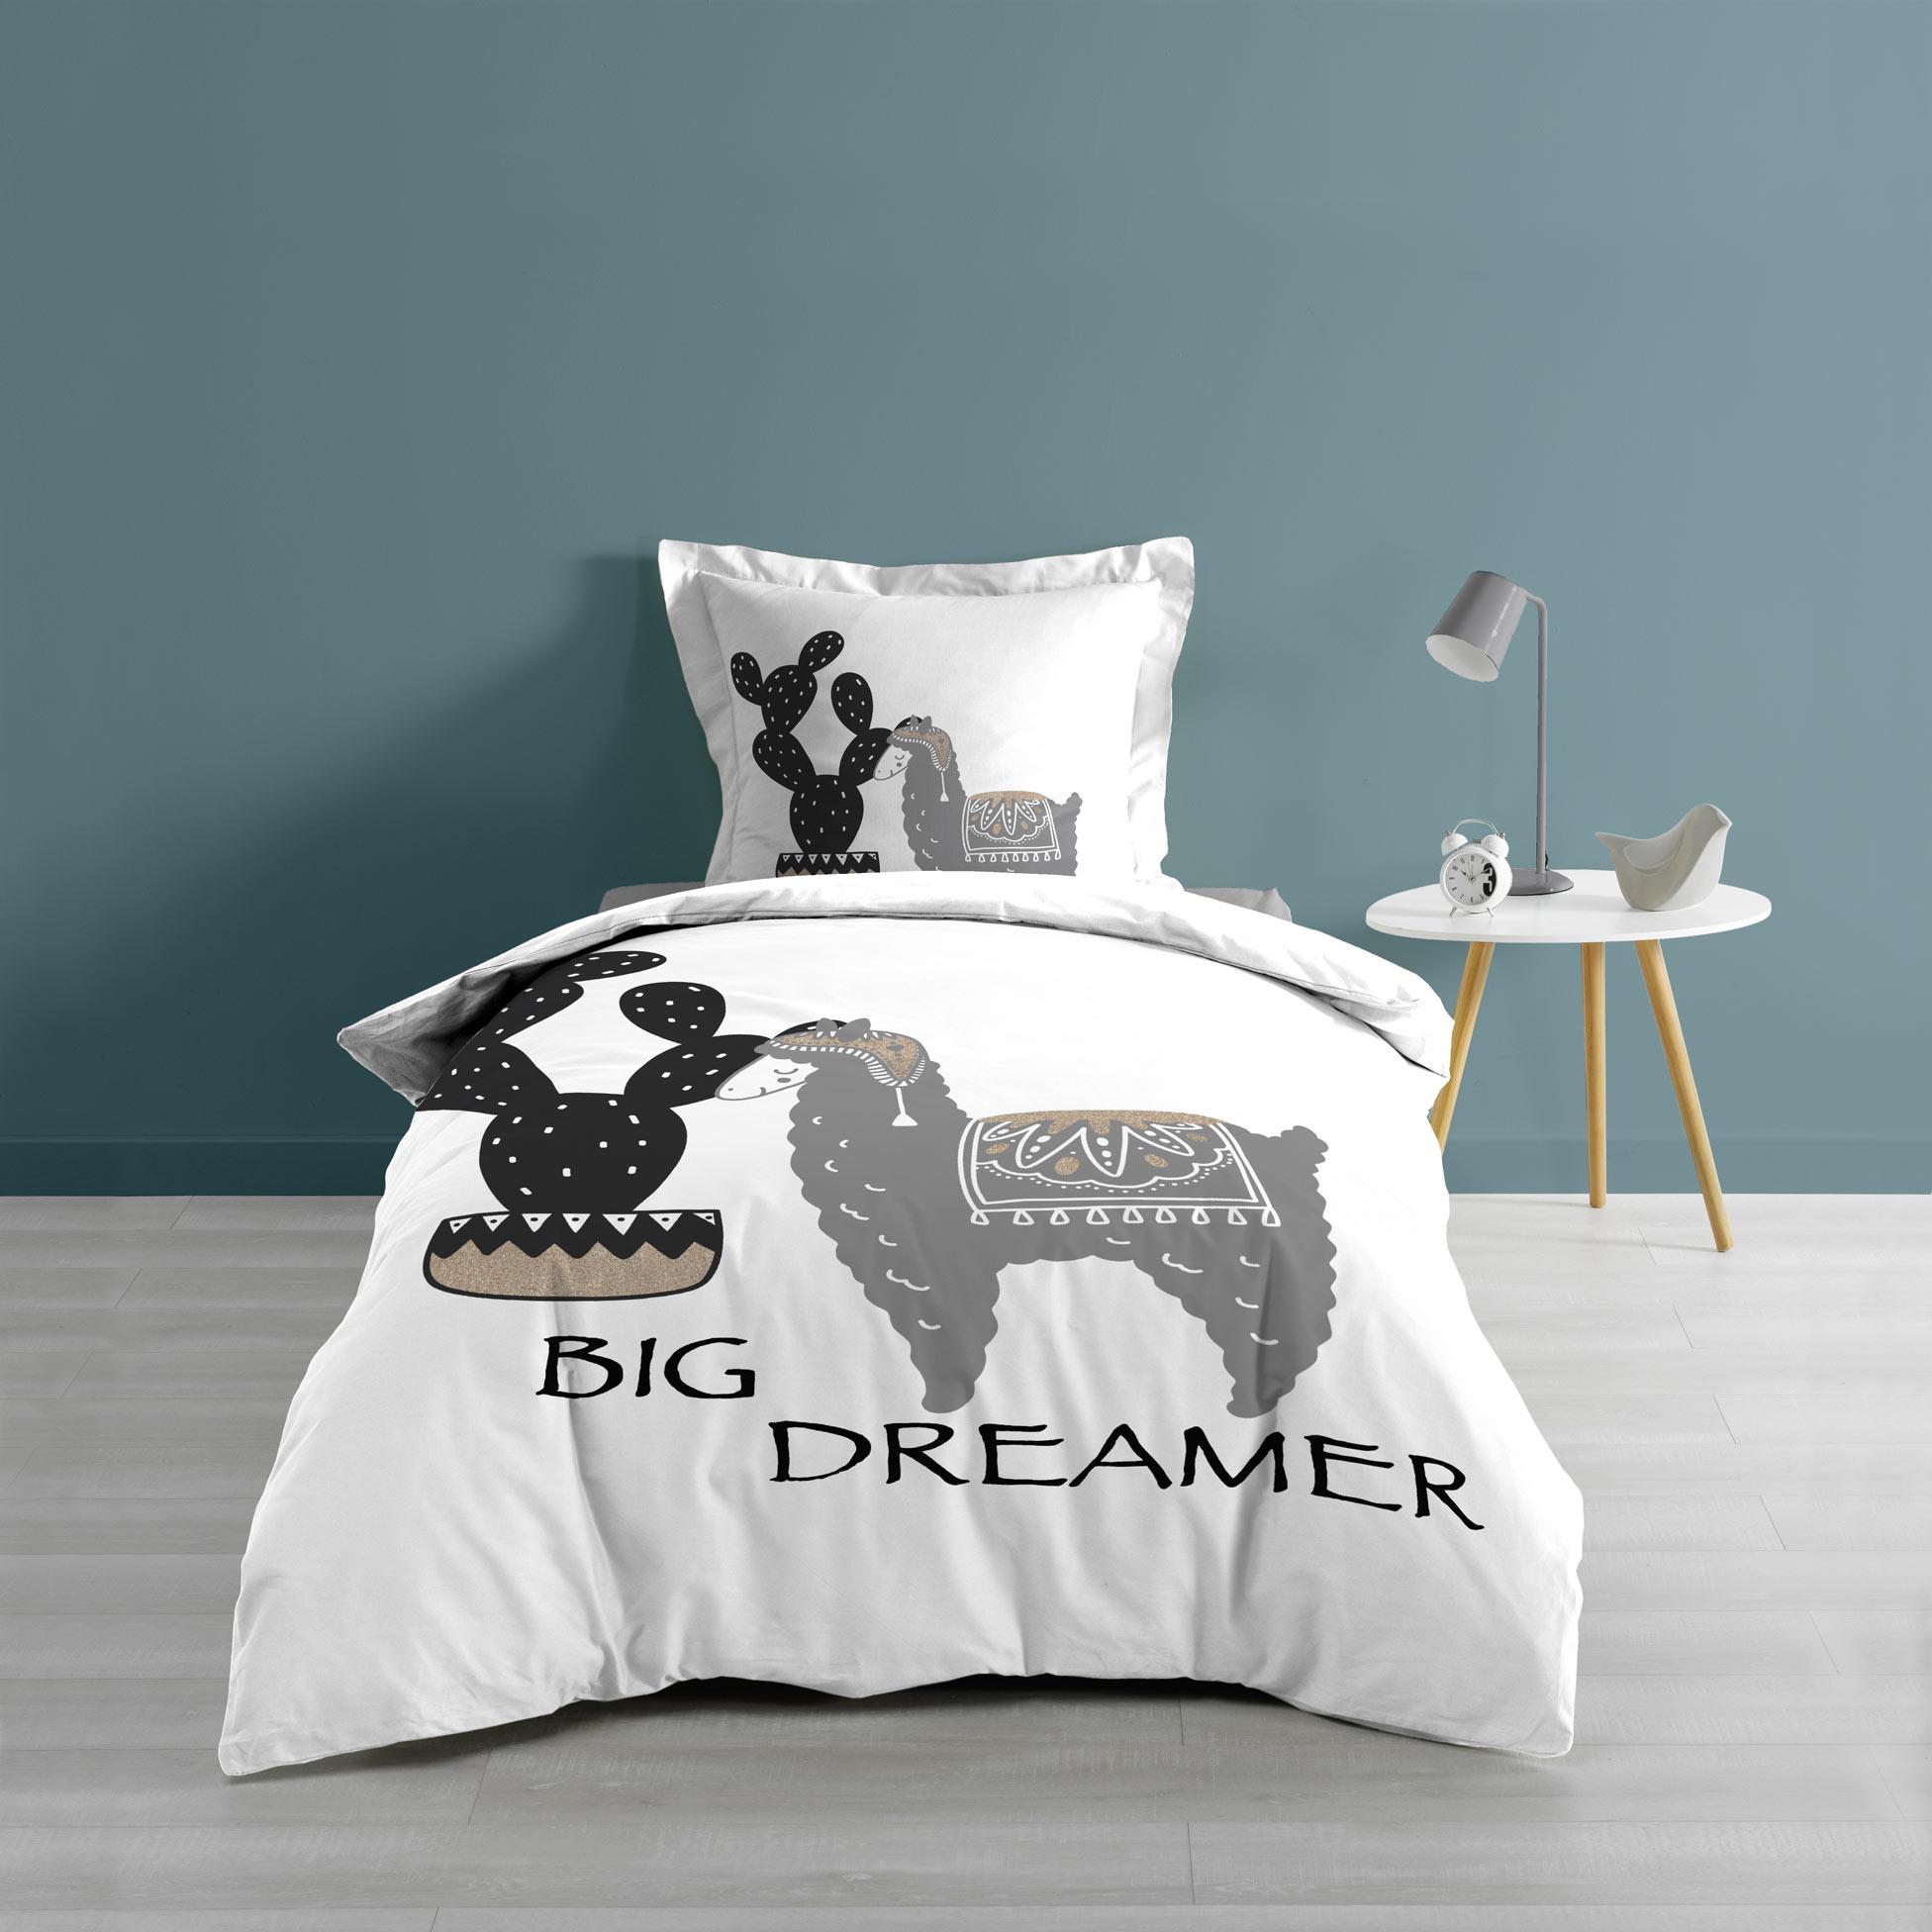 Full Size of Bettwäsche Teenager 2tlg Bettwsche 140x200 Baumwolle Bettdecke Bettgarnitur Betten Für Sprüche Wohnzimmer Bettwäsche Teenager